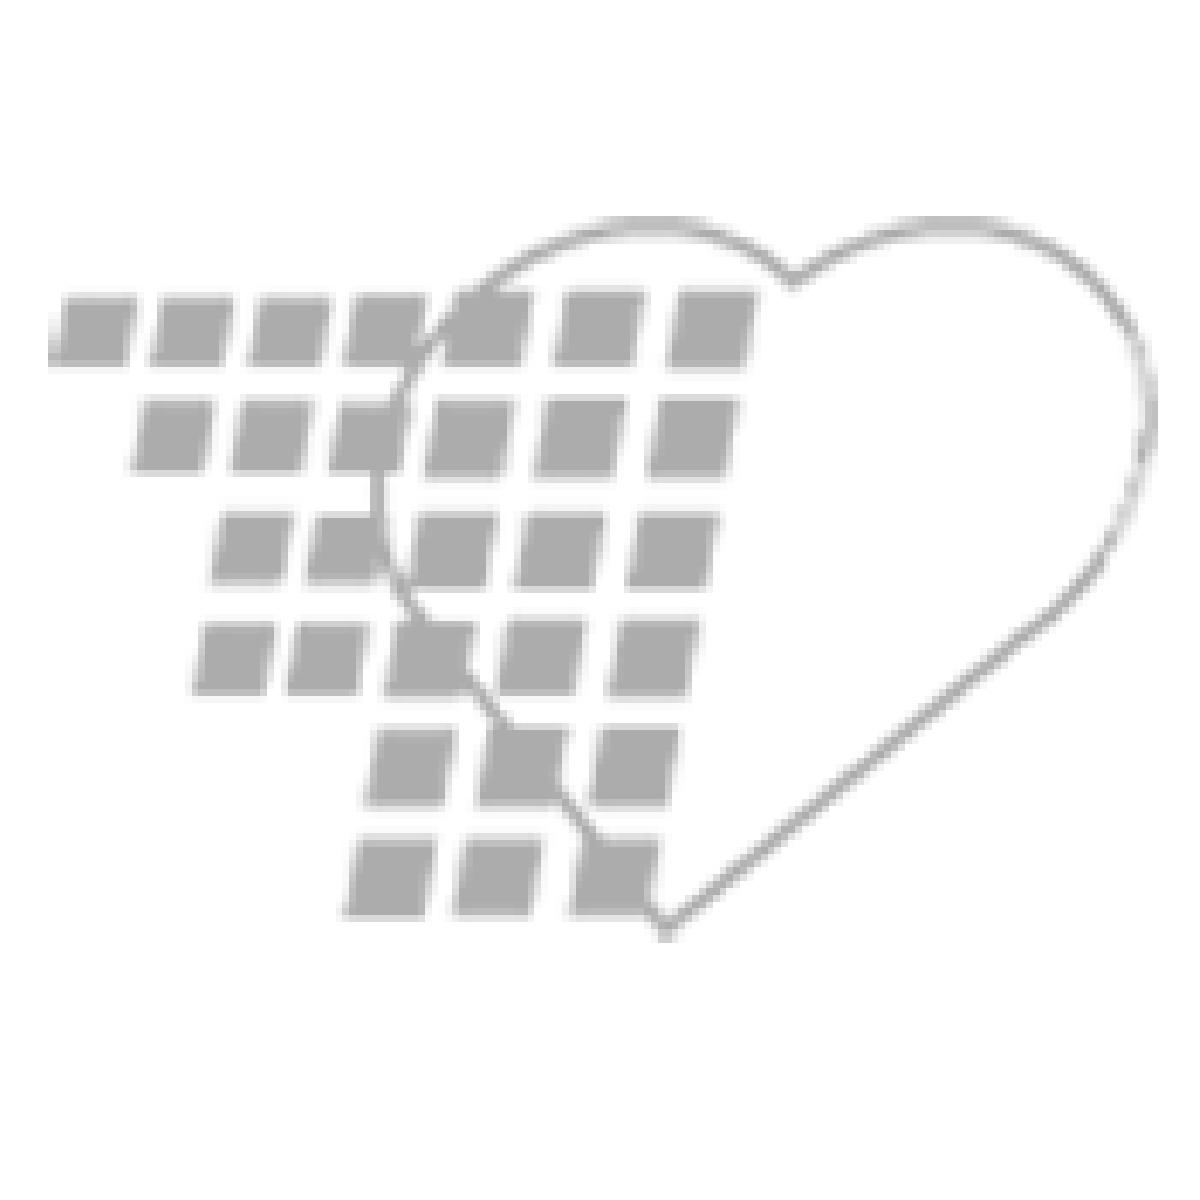 06-93-4102 - Demo Dose® Methergin 1 mL 0.2/mL